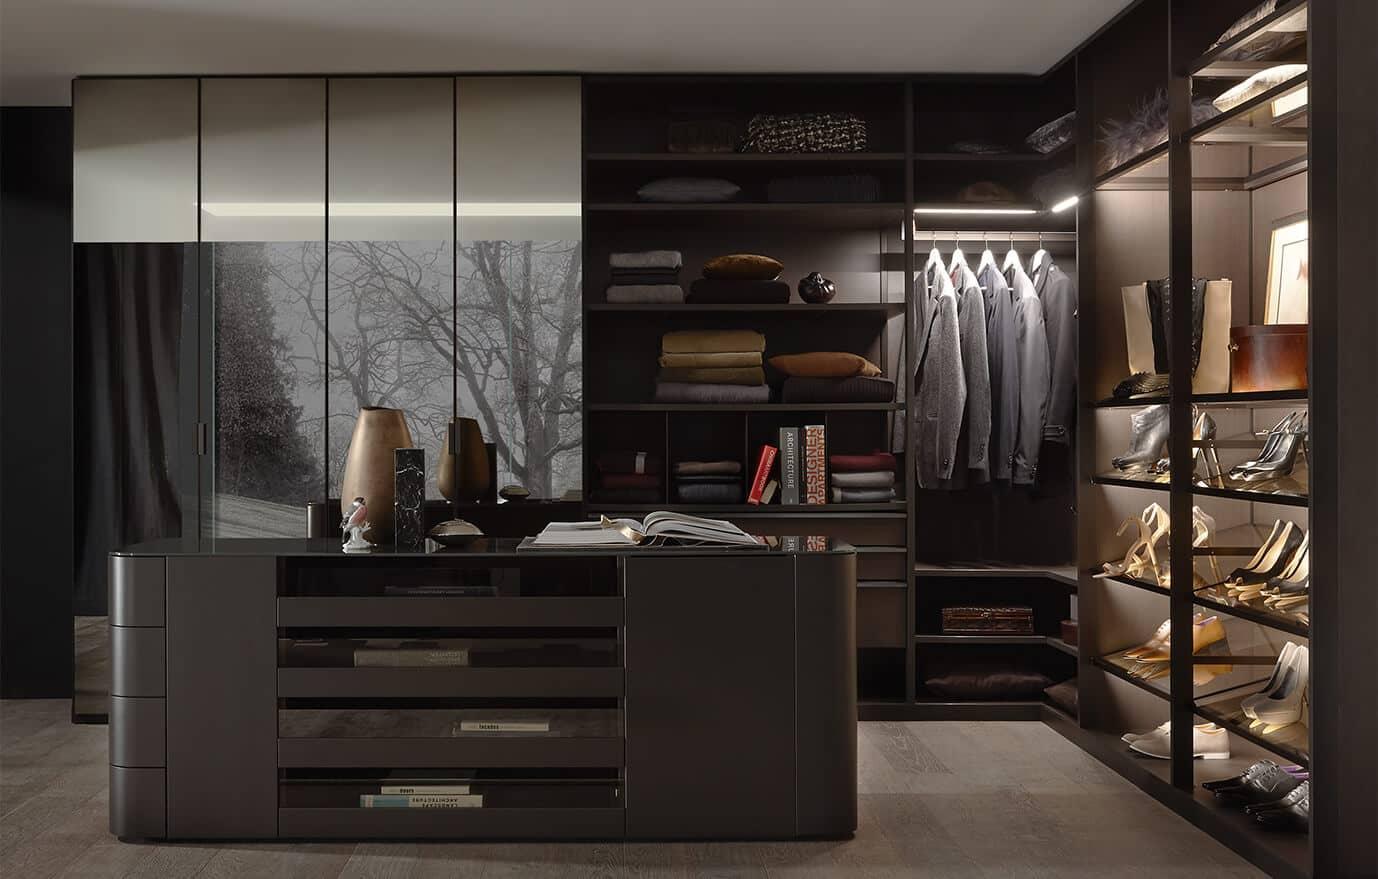 Begehbaren Kleiderschrank Walk_in von Ars Nova Collection mit freistehender Kommode, verspiegelten Schiebetüren und einem beleuchteten Eck-Schrankelement.